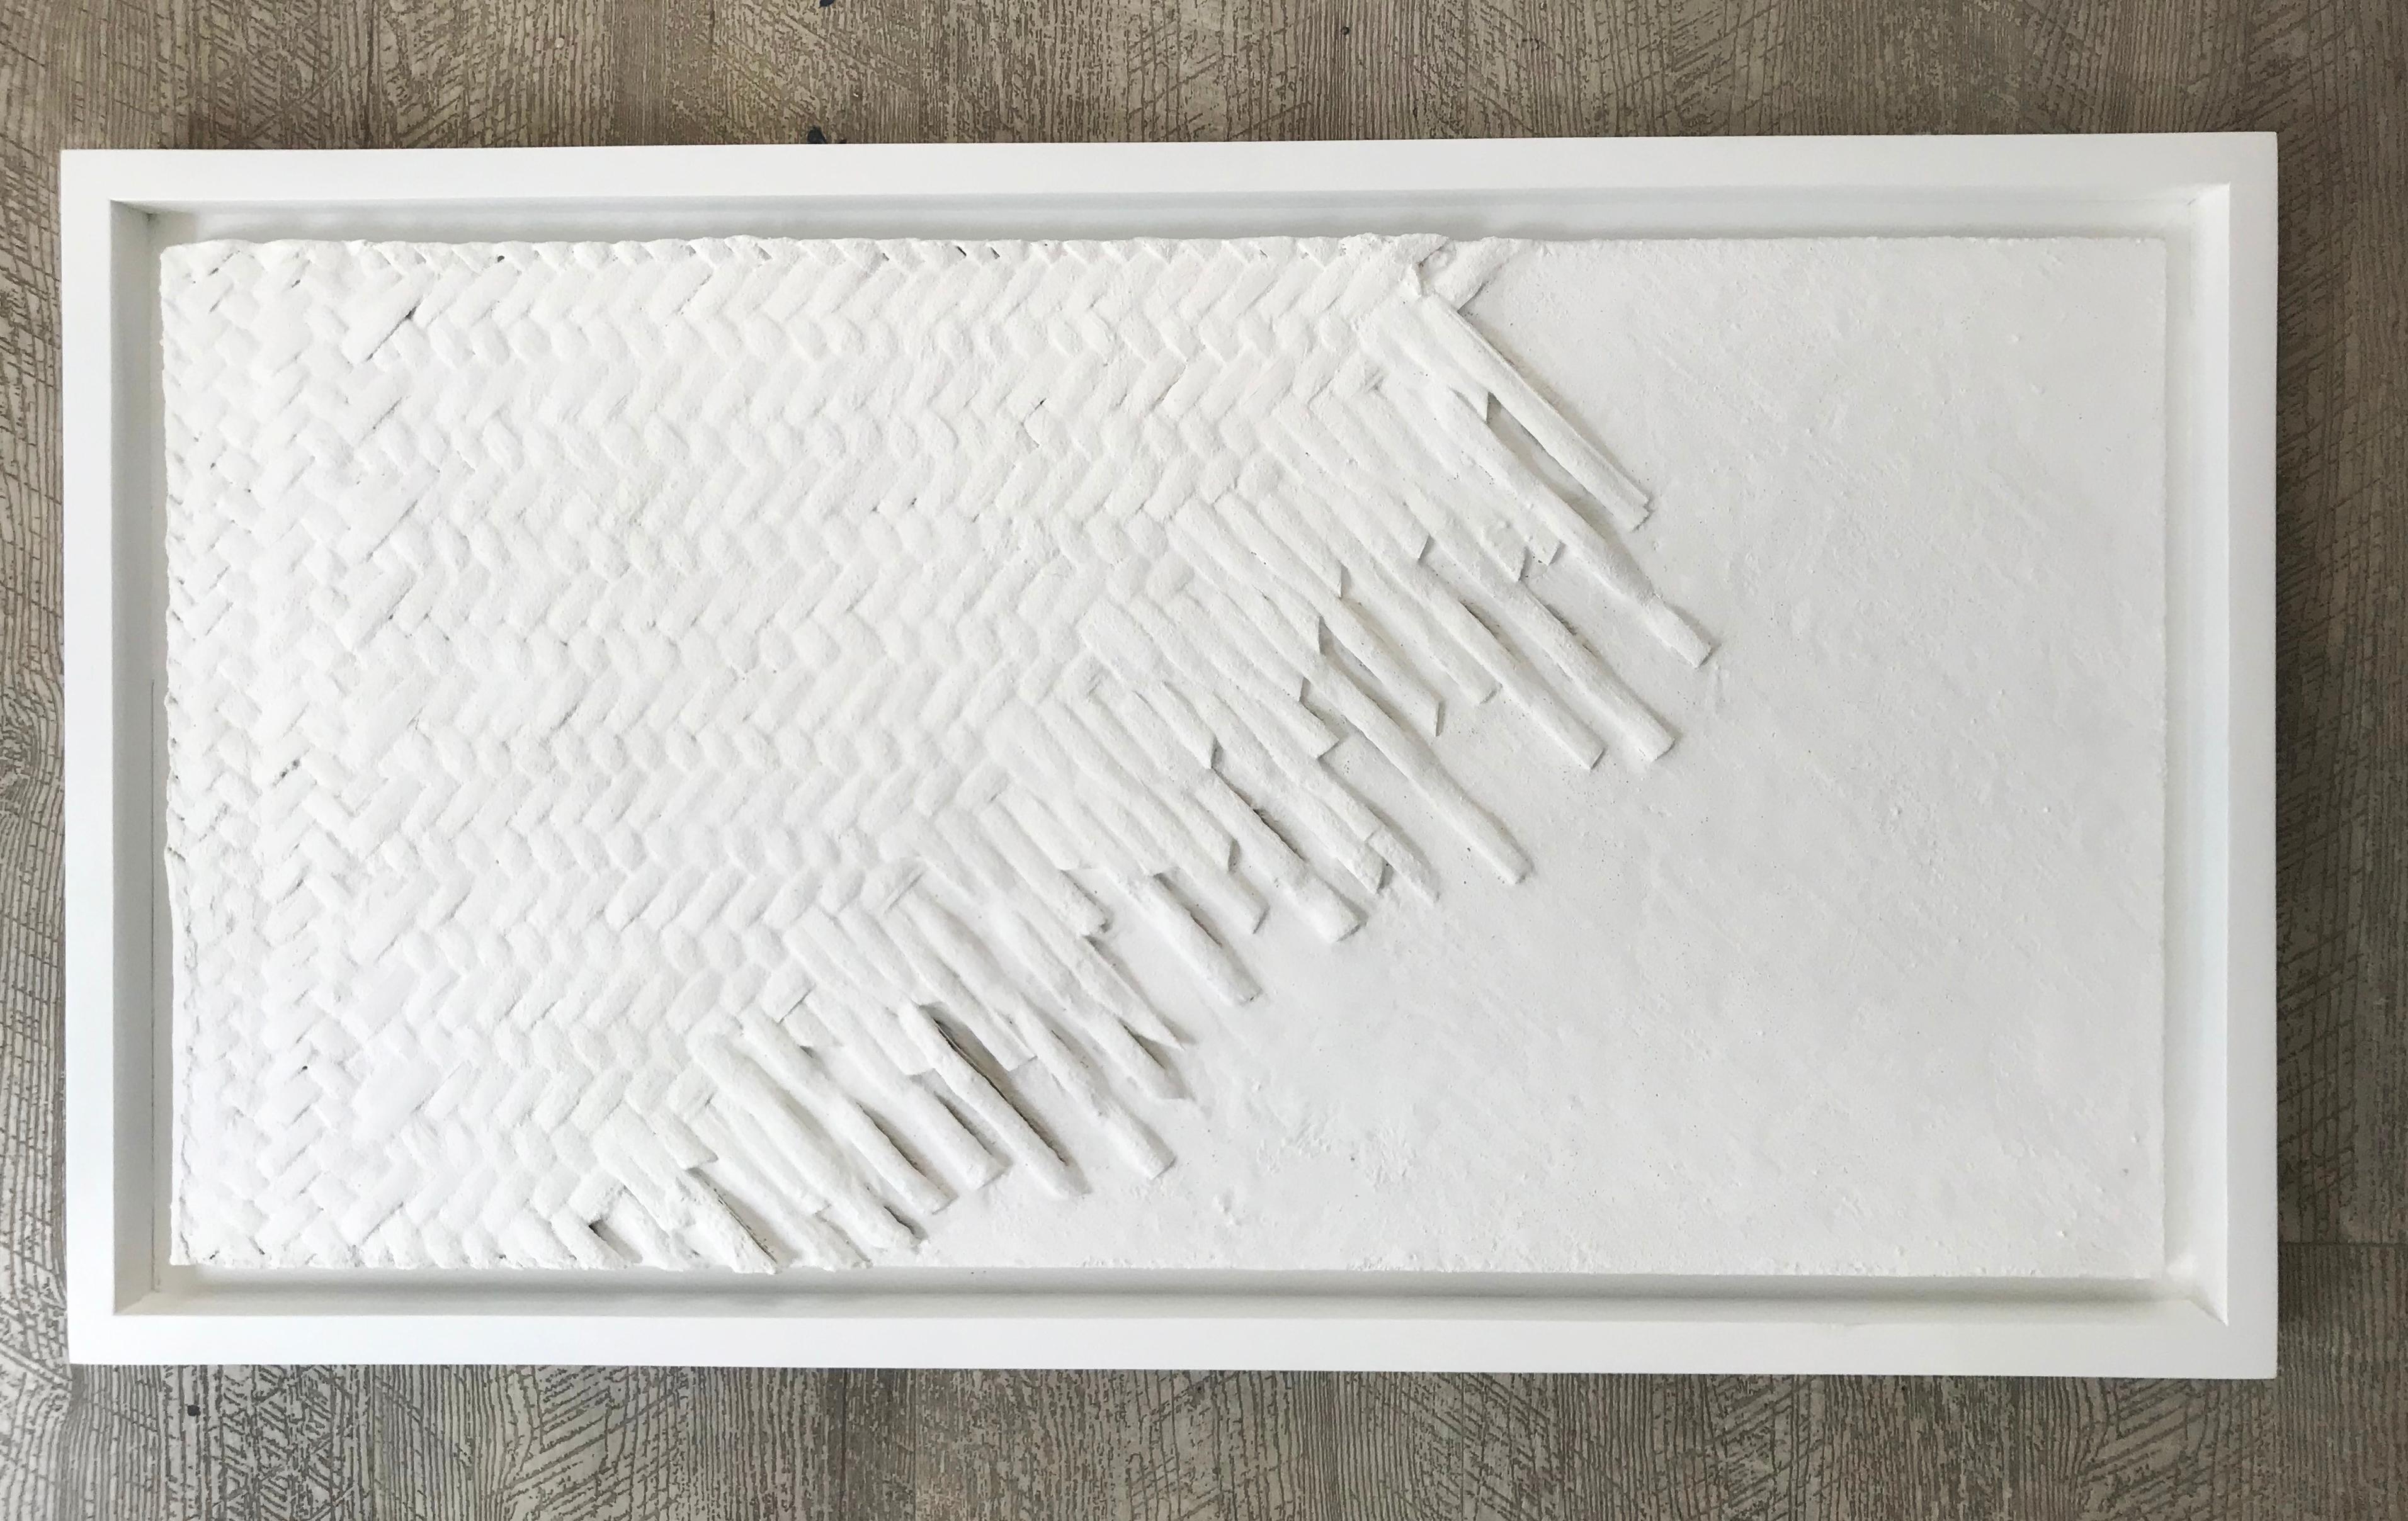 Artisanal Magic, White Elegant Abstract Patterns